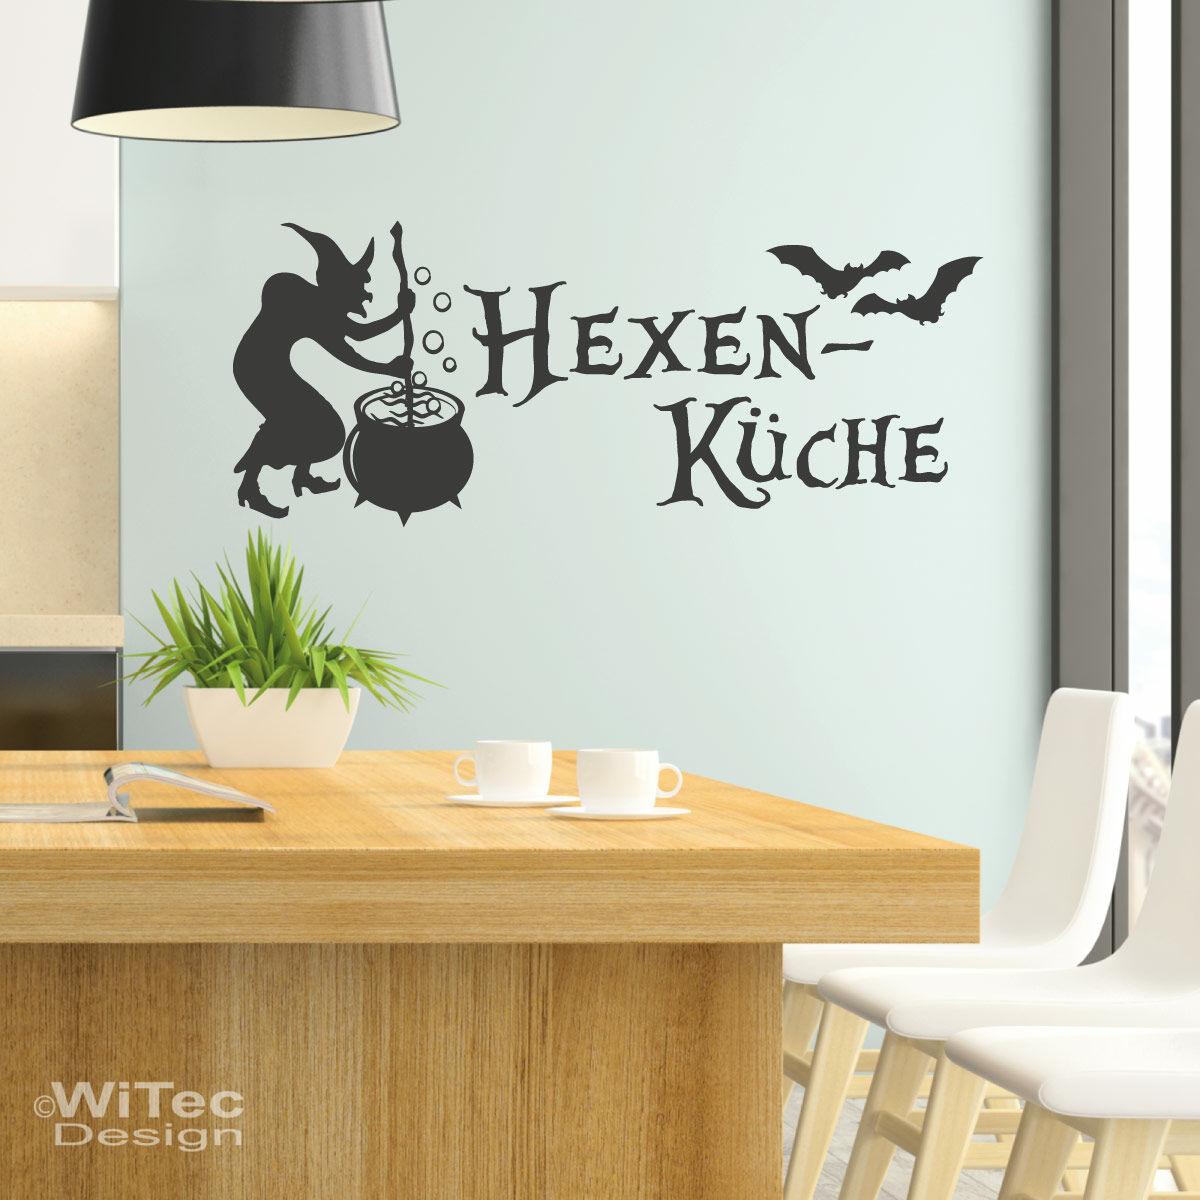 Wandtattoo Hexenküche Aufkleber Hexen Küche Wandaufkleber